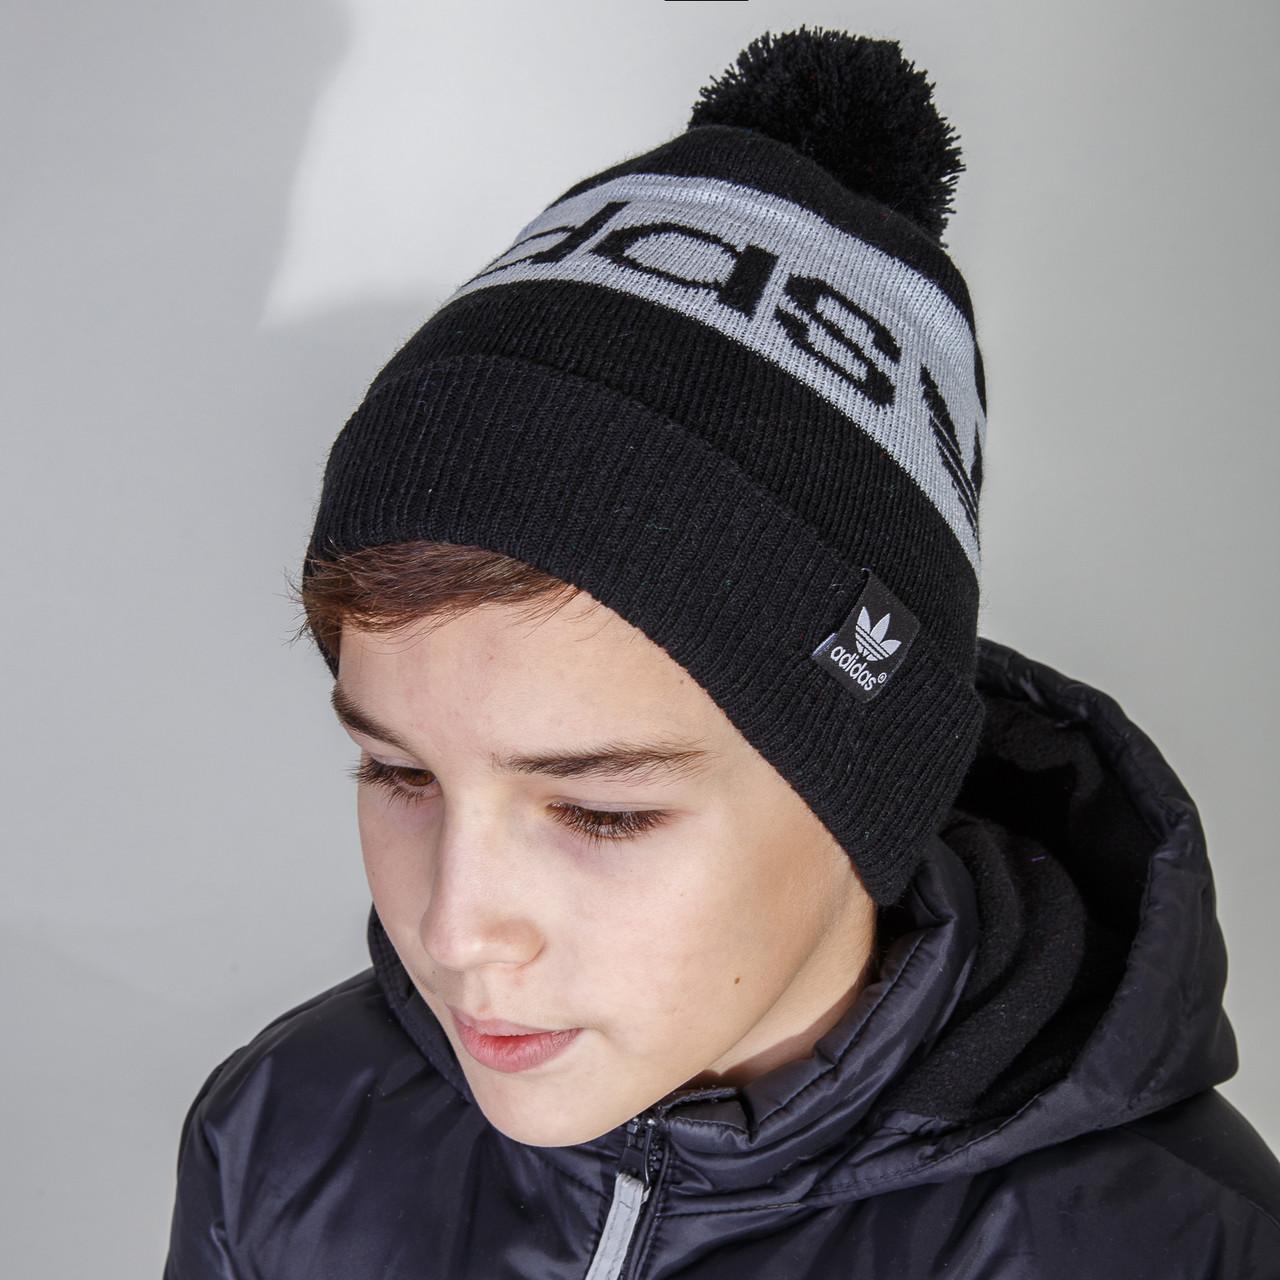 Cпортивная шапка Adidas (реплика) для мальчика с помпоном оптом - Артикул 2815